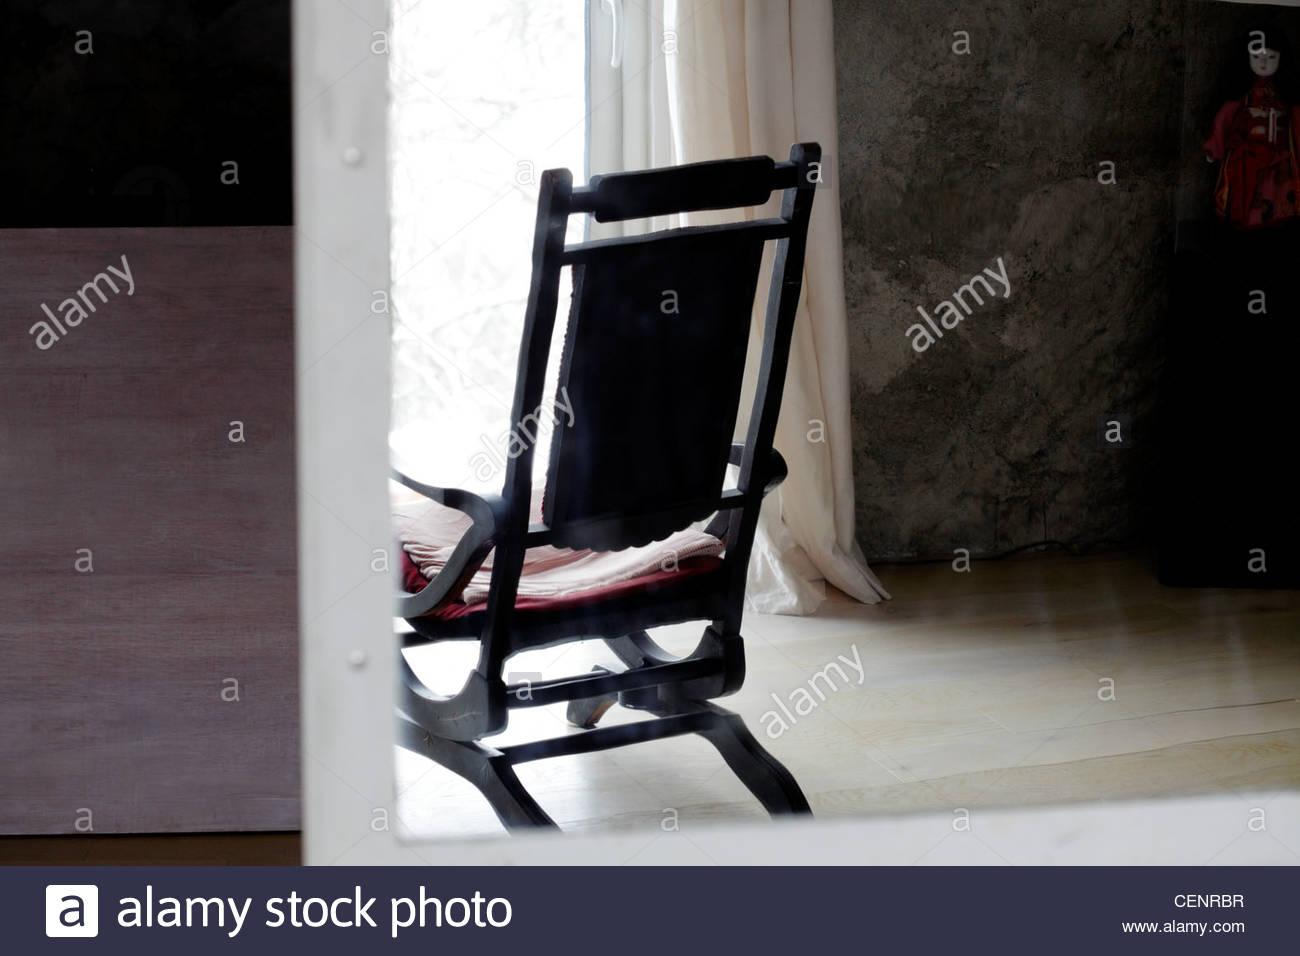 Comodidad silla mecedora delante de una gran ventana con vistas a un paisaje nevado bajo Imagen De Stock